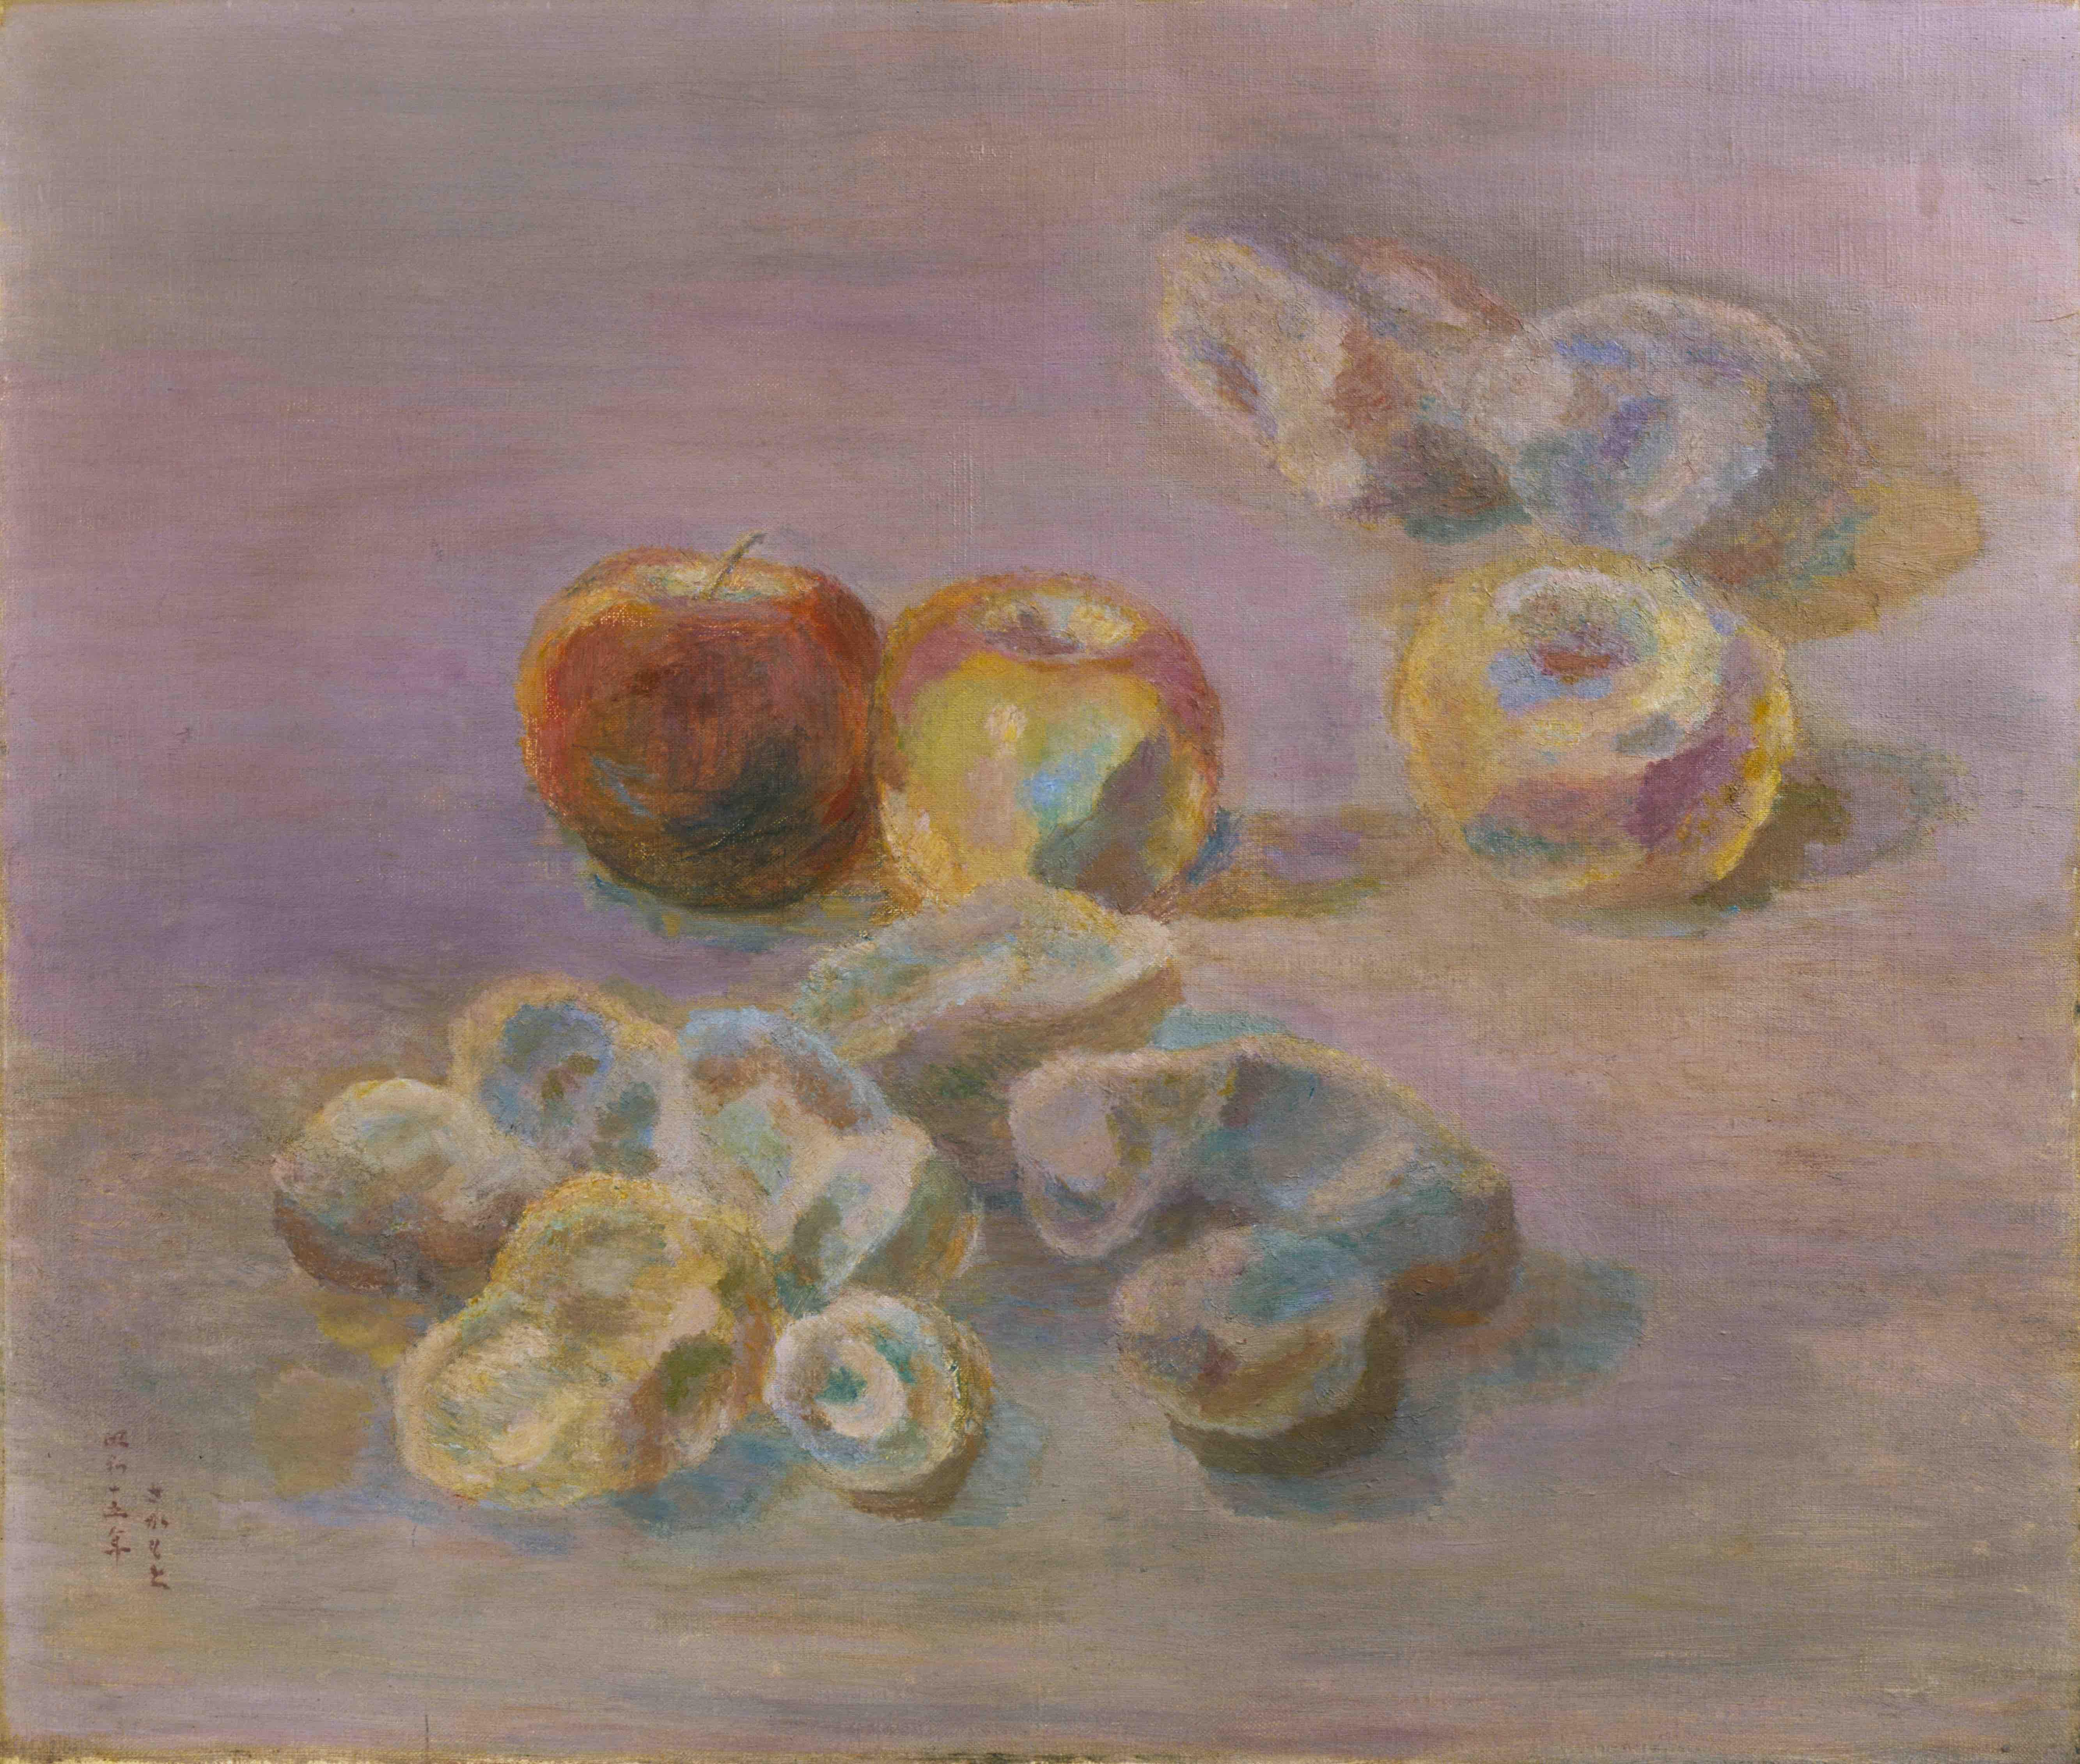 《林檎と馬鈴薯》1940年<br /> 京都国立近代美術館蔵